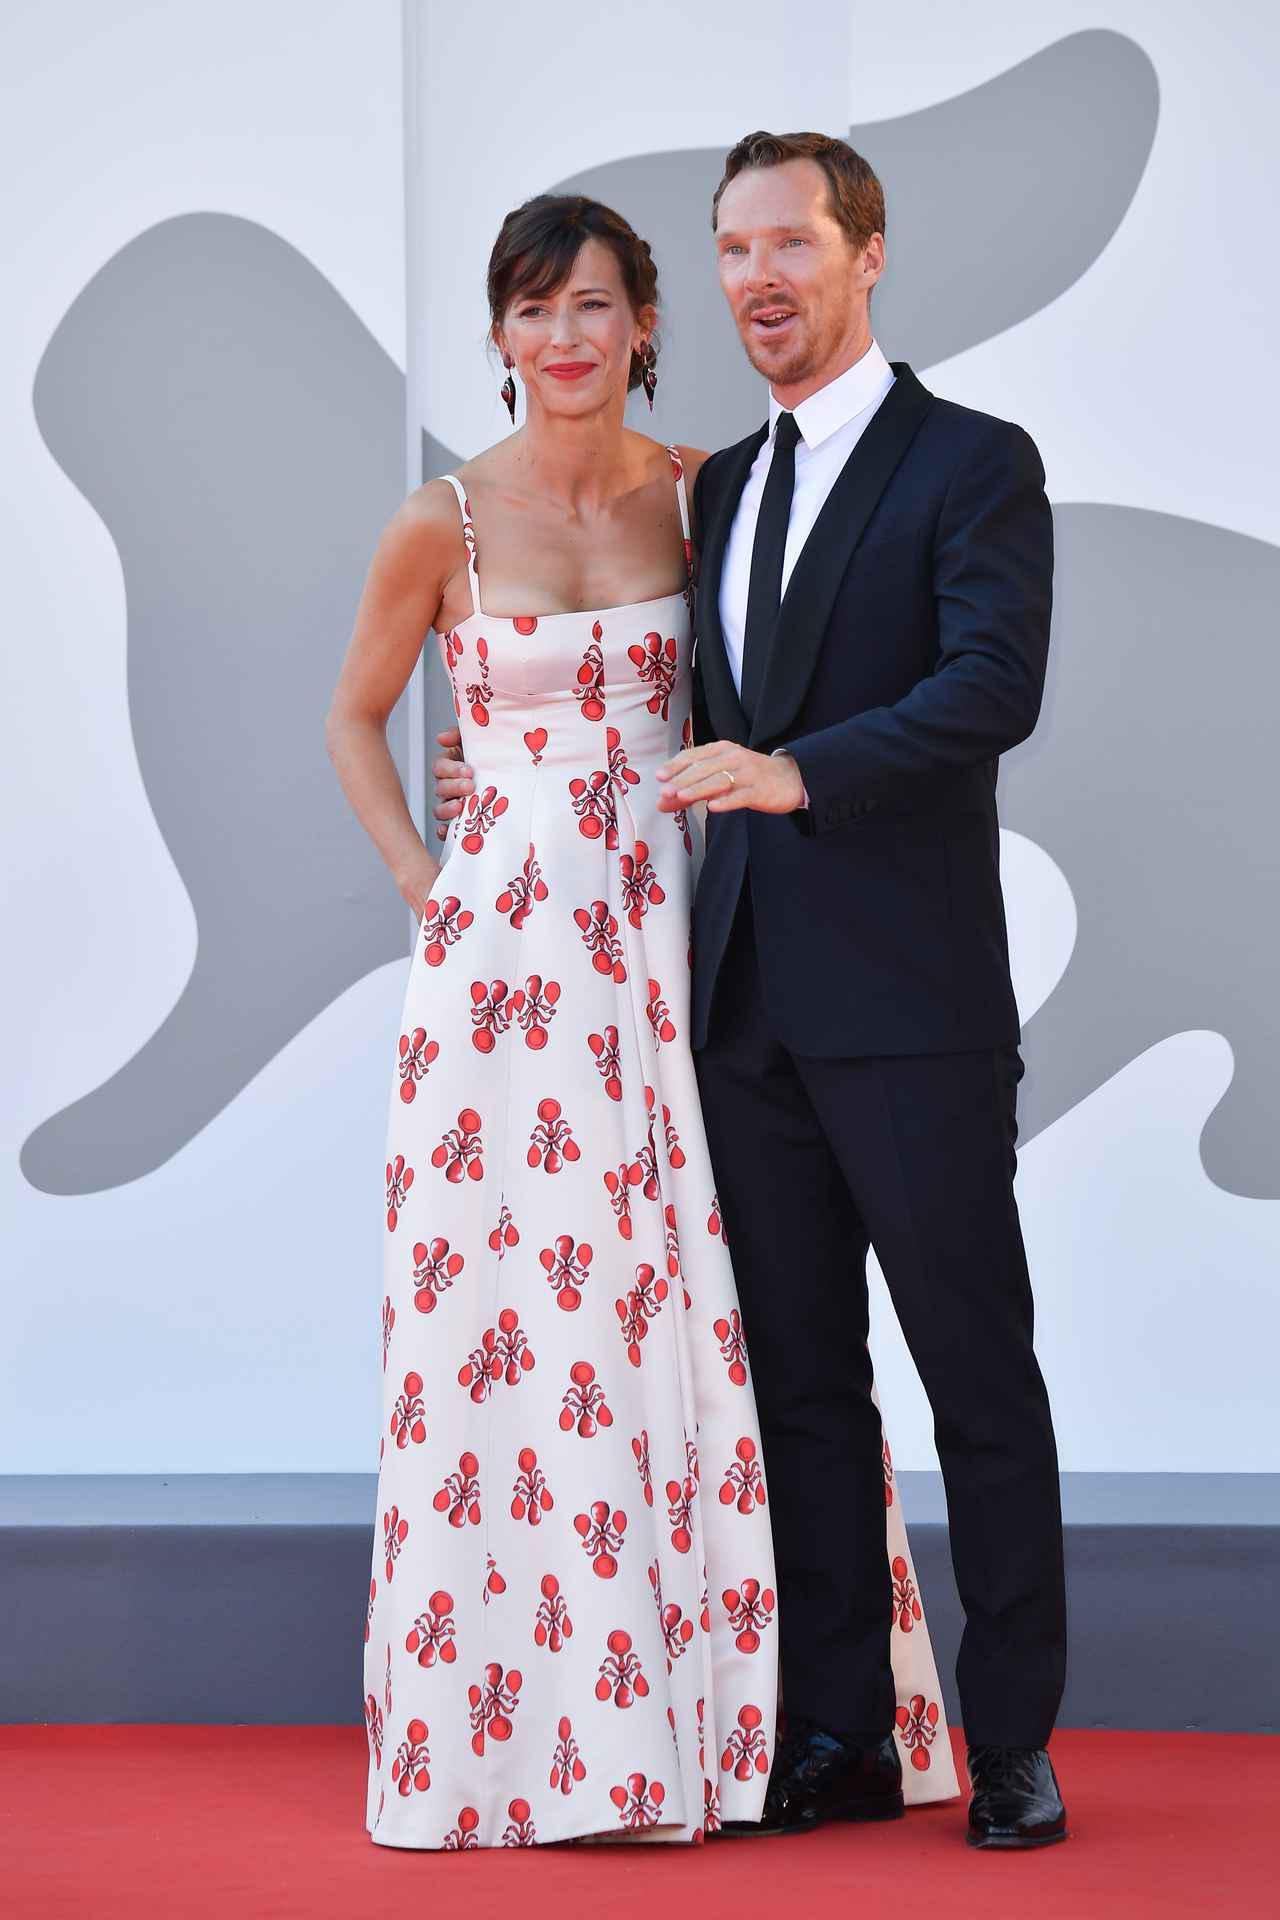 画像3: ベネディクトが妻と2年ぶりにレカペへ